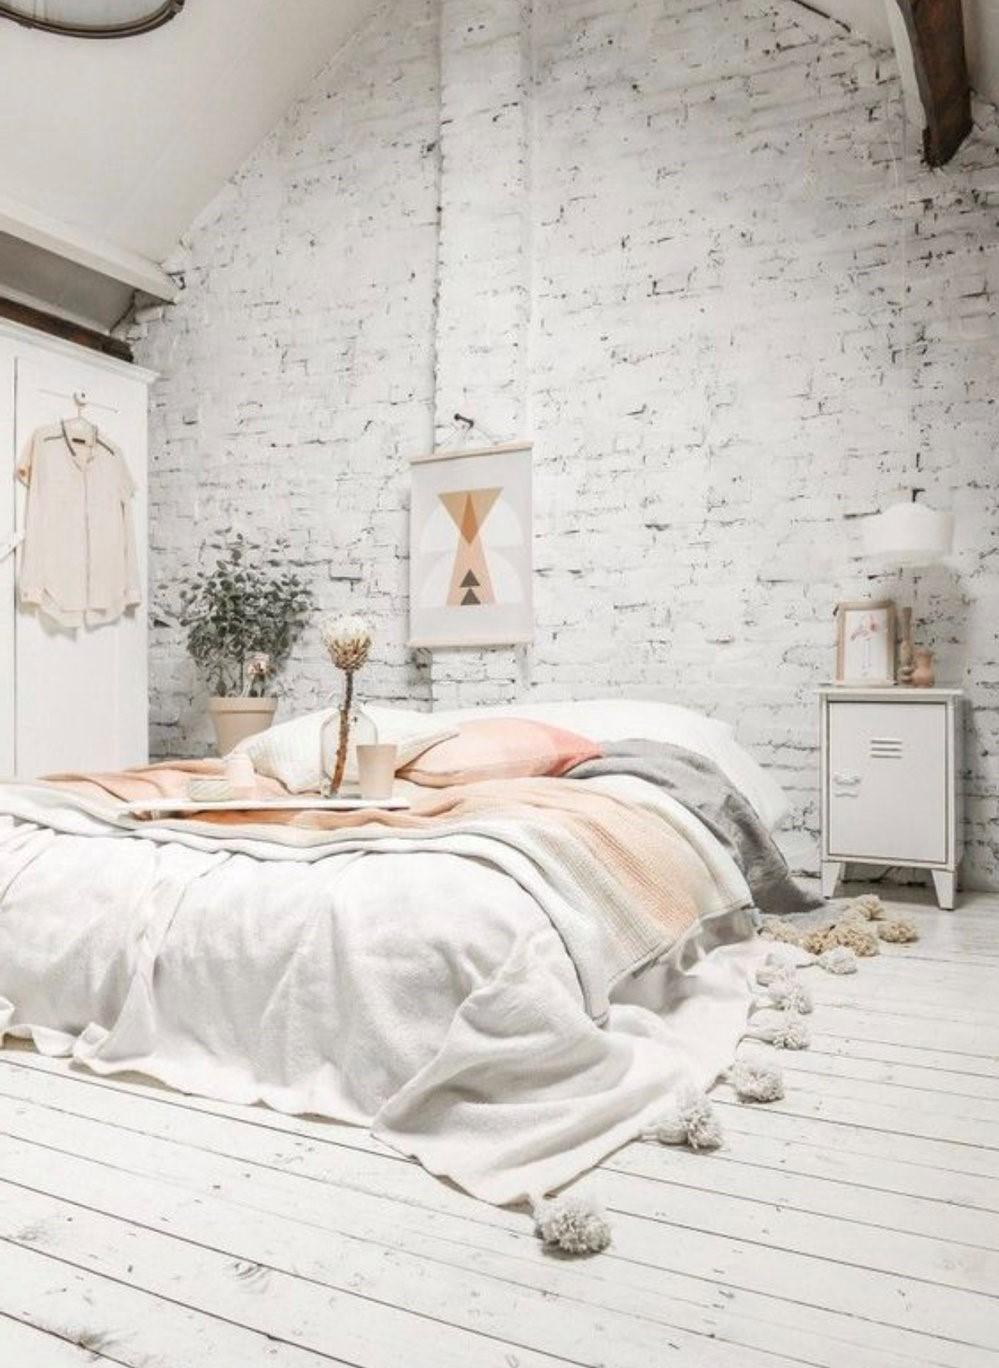 Aménagement sous combles: La conversion de votre grenier en une chambre supplémentaire est un excellent moyen d'ajouter de la valeur à votre propriété.